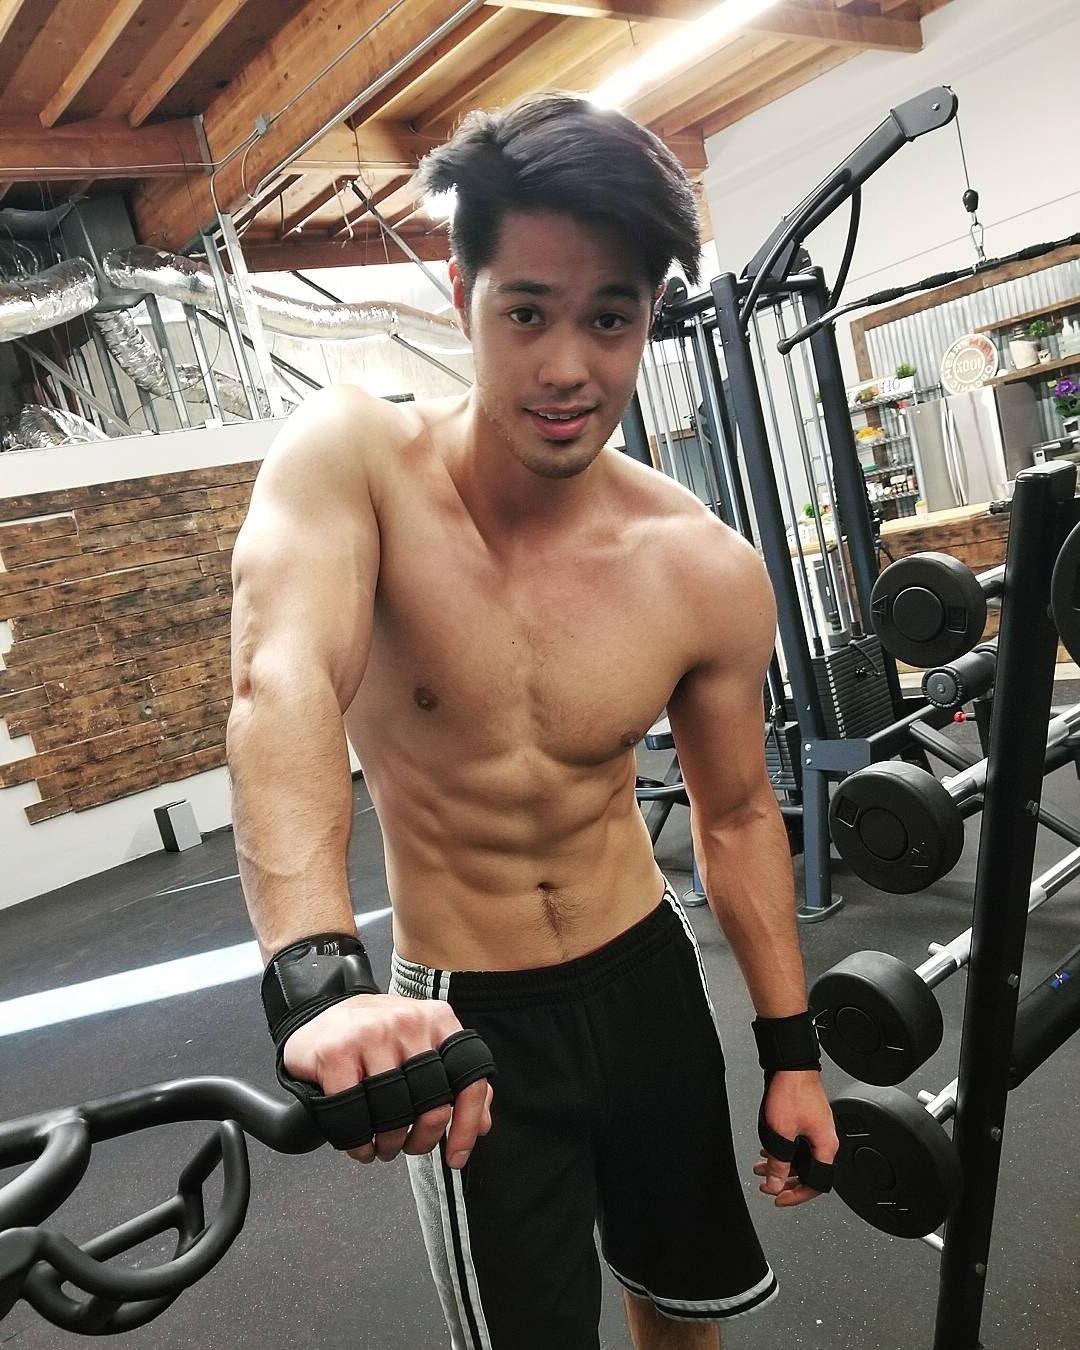 cutest-fit-asian-guys-shirtless-body-pretty-dark-eyes-gym-bro